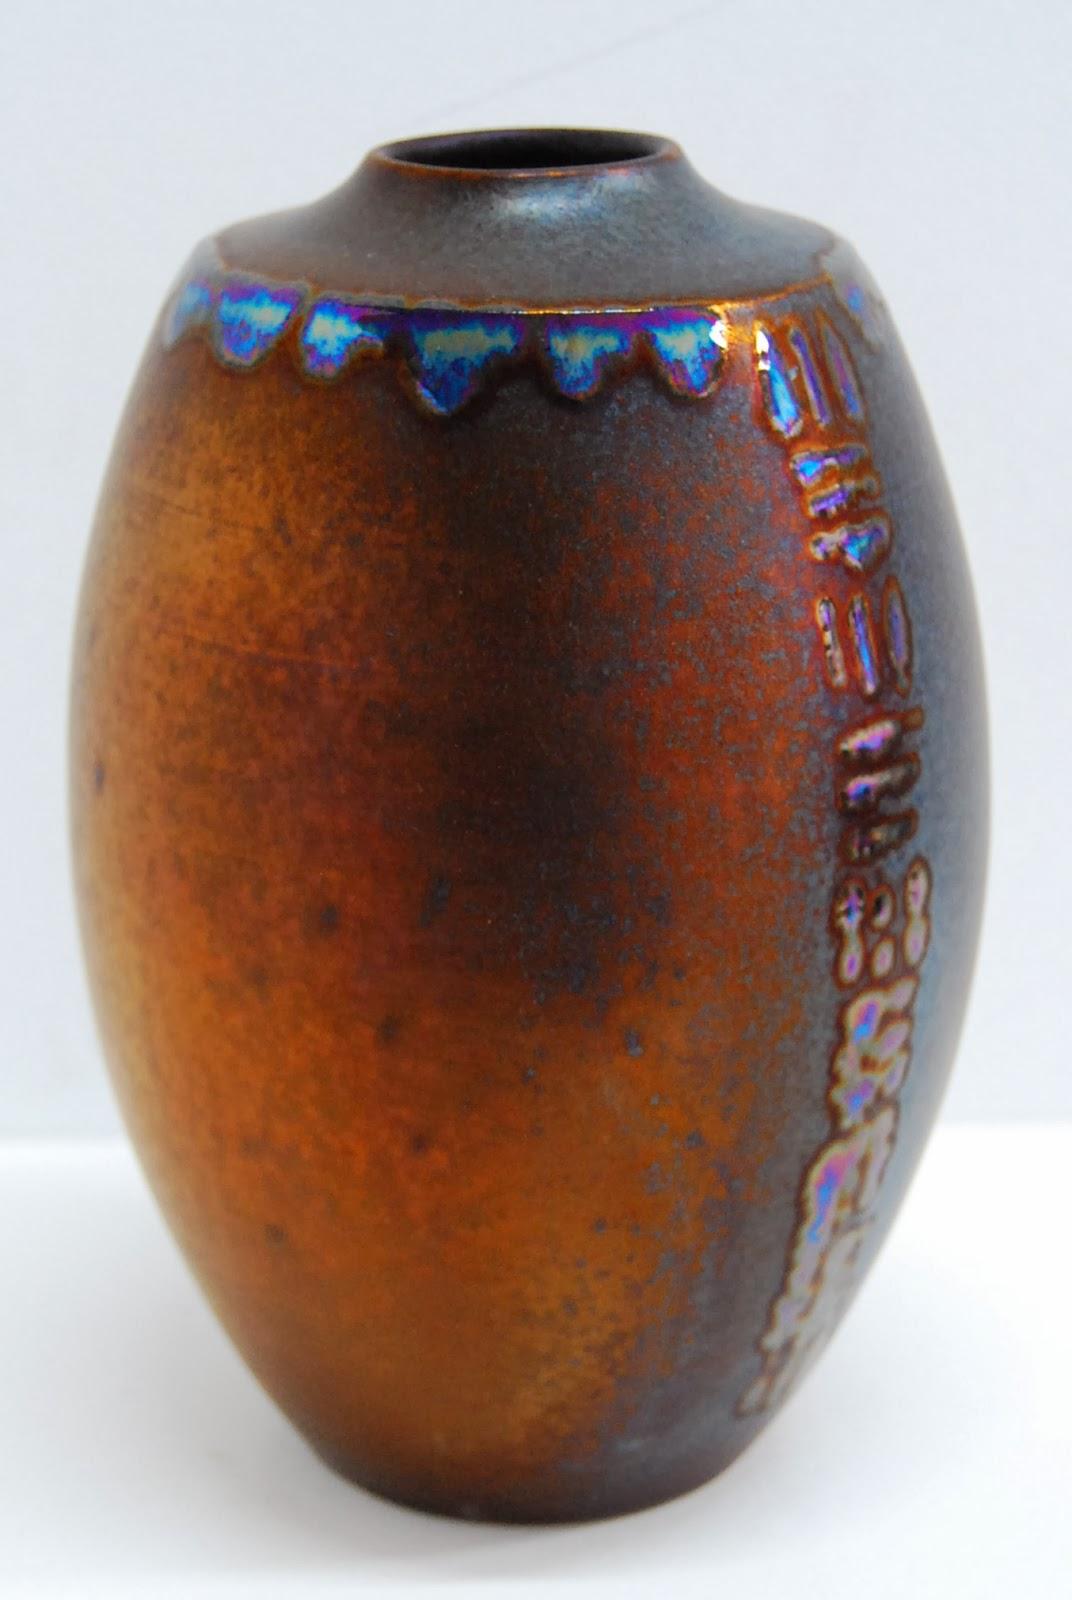 Kypsela cursos 2014 for Curso de ceramica madrid